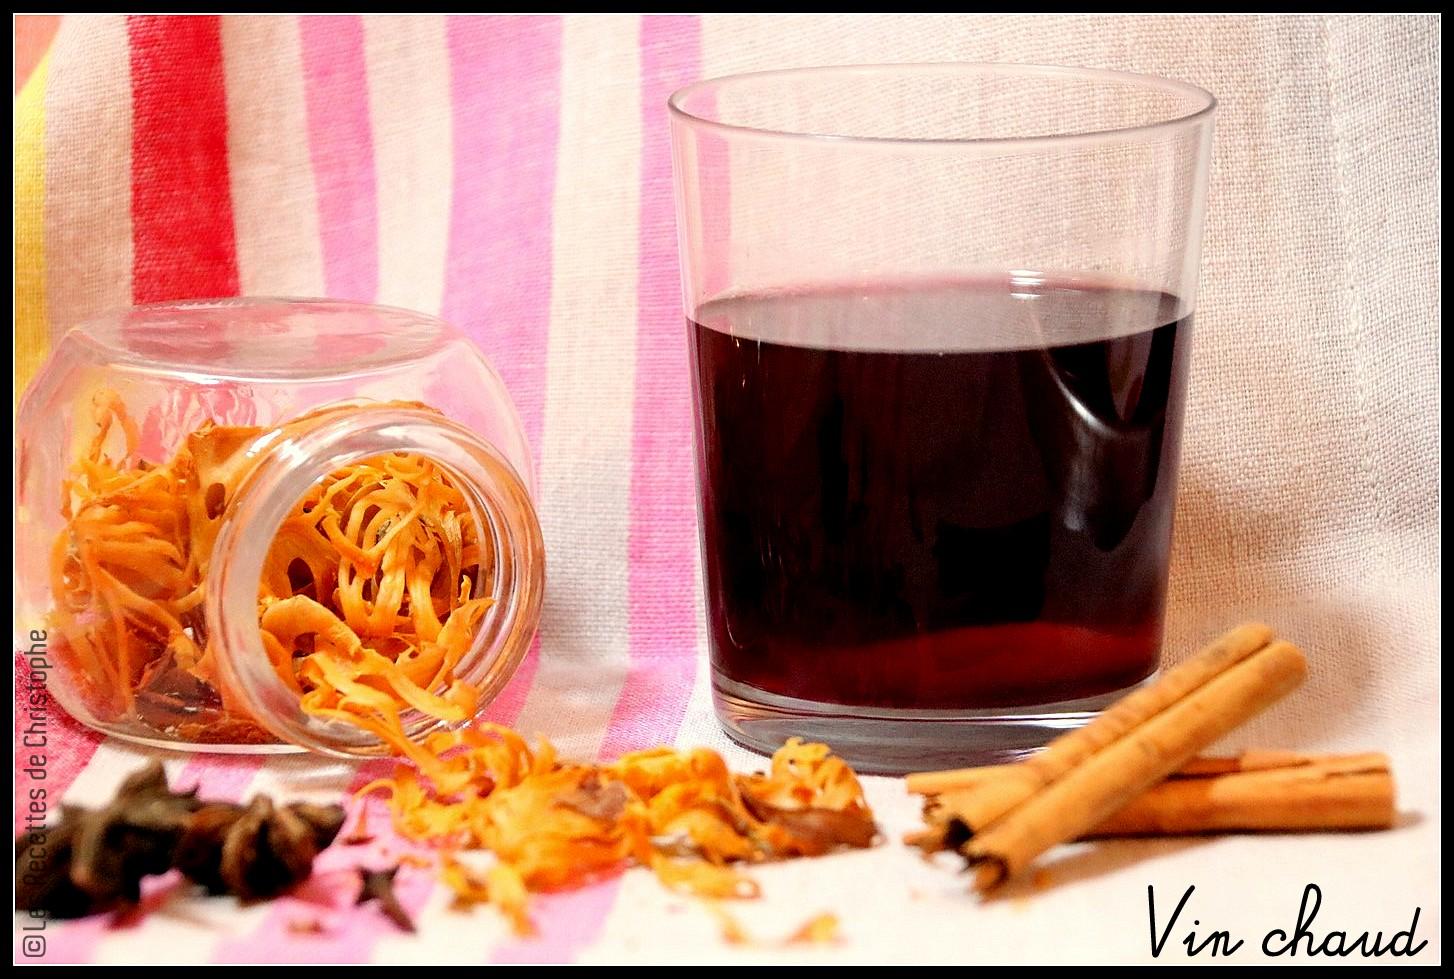 Les recettes des droles d 39 idees - Recette vin chaud alsacien ...